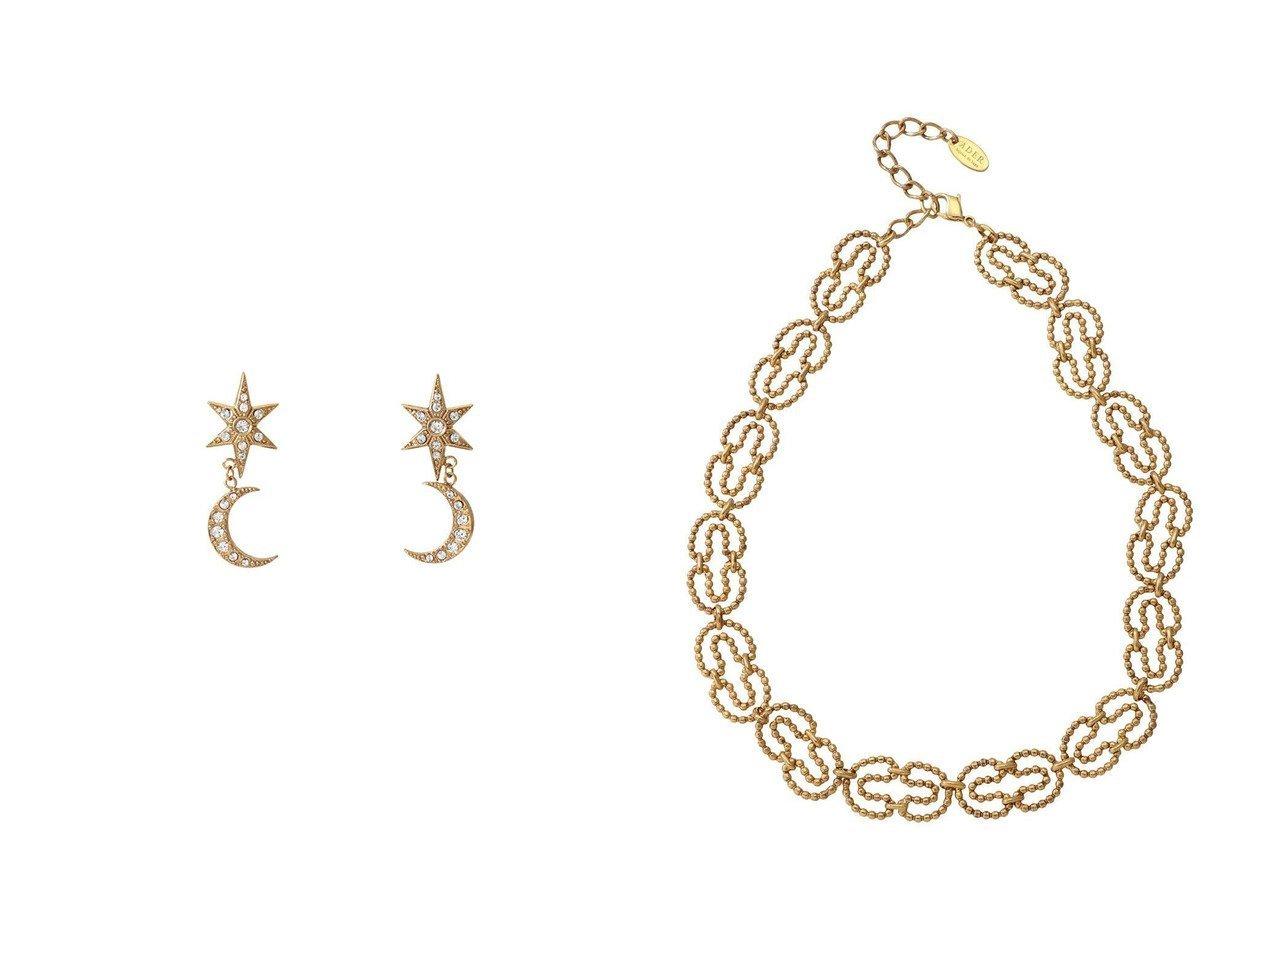 【ADER bijoux/アデル ビジュー】のMOON&STAR ピアス&CUT STEEL O ネックレス 【アクセサリー・ジュエリー】おすすめ!人気、トレンド・レディースファッションの通販 おすすめで人気の流行・トレンド、ファッションの通販商品 インテリア・家具・メンズファッション・キッズファッション・レディースファッション・服の通販 founy(ファニー) https://founy.com/ ファッション Fashion レディースファッション WOMEN ジュエリー Jewelry リング Rings イヤリング Earrings ネックレス Necklaces イヤリング モチーフ 人気 チェーン デニム ネックレス モダン ヴィンテージ  ID:crp329100000072198